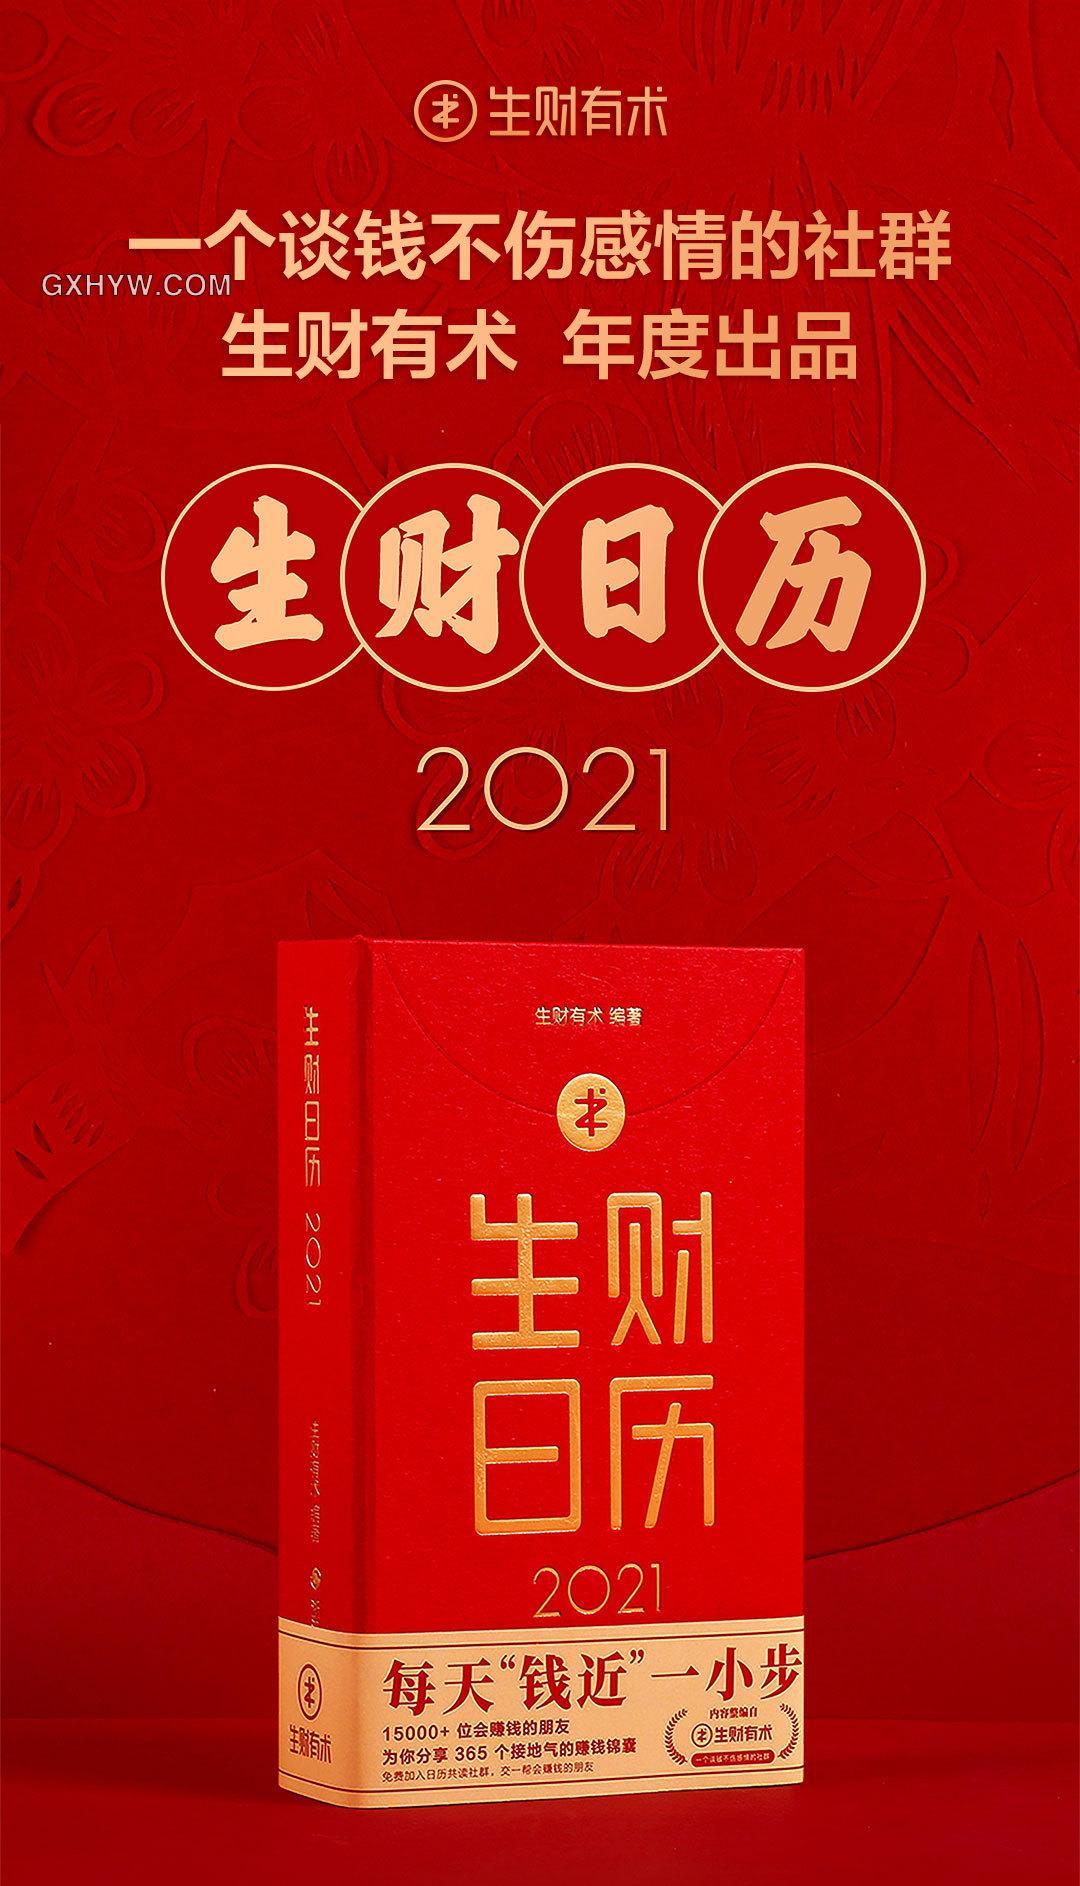 wzkccheng202012150914